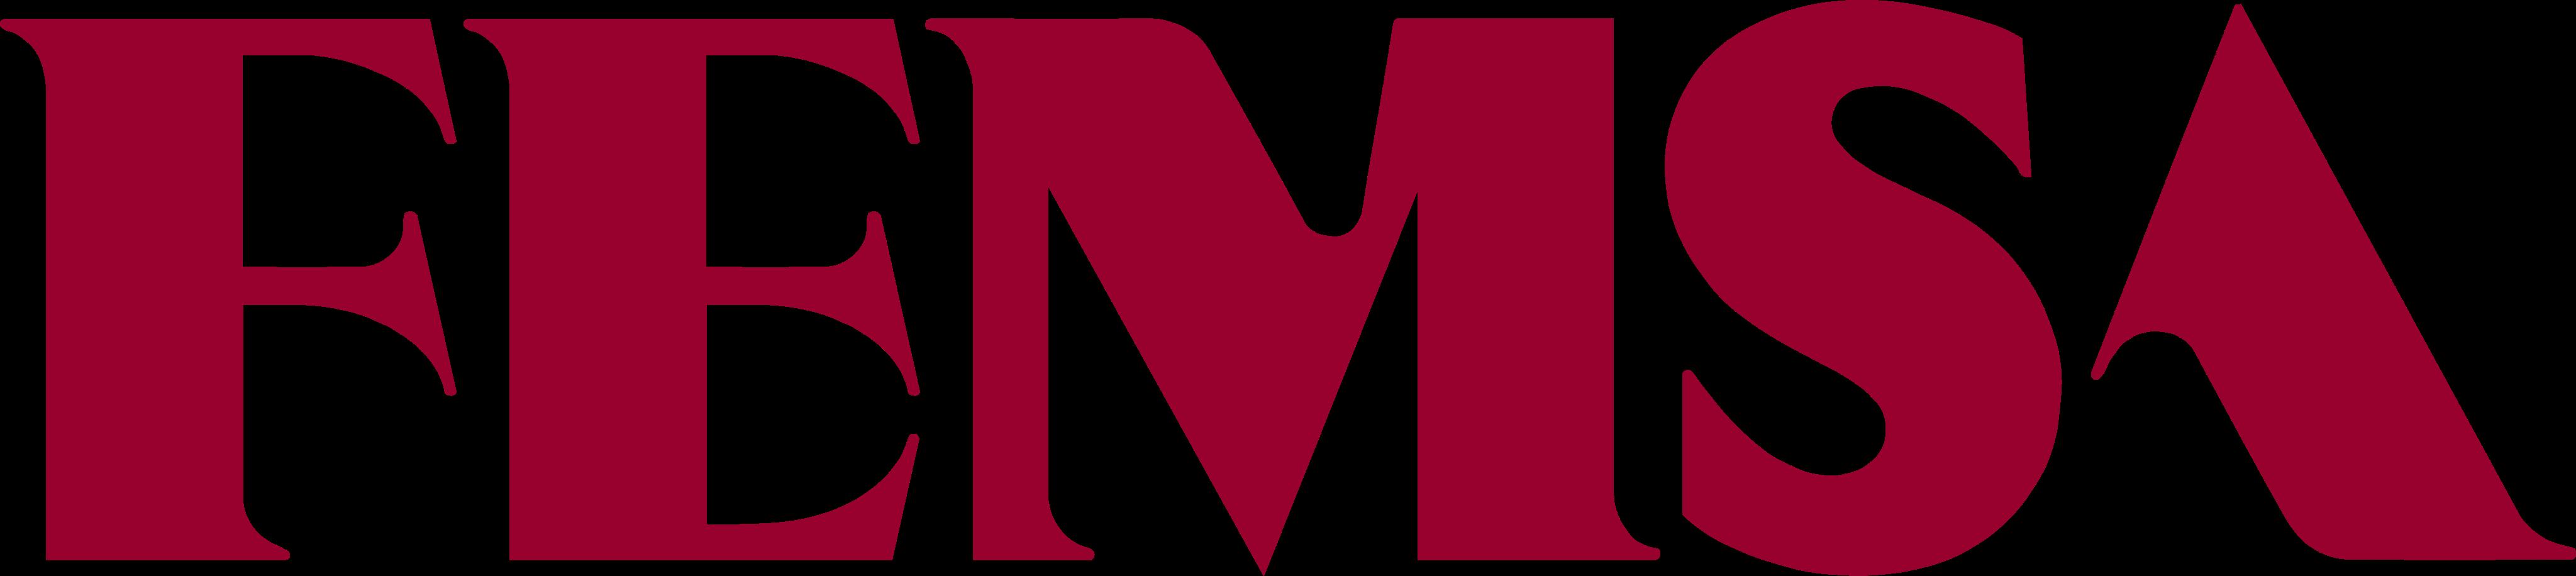 femsa logo - FEMSA Logo